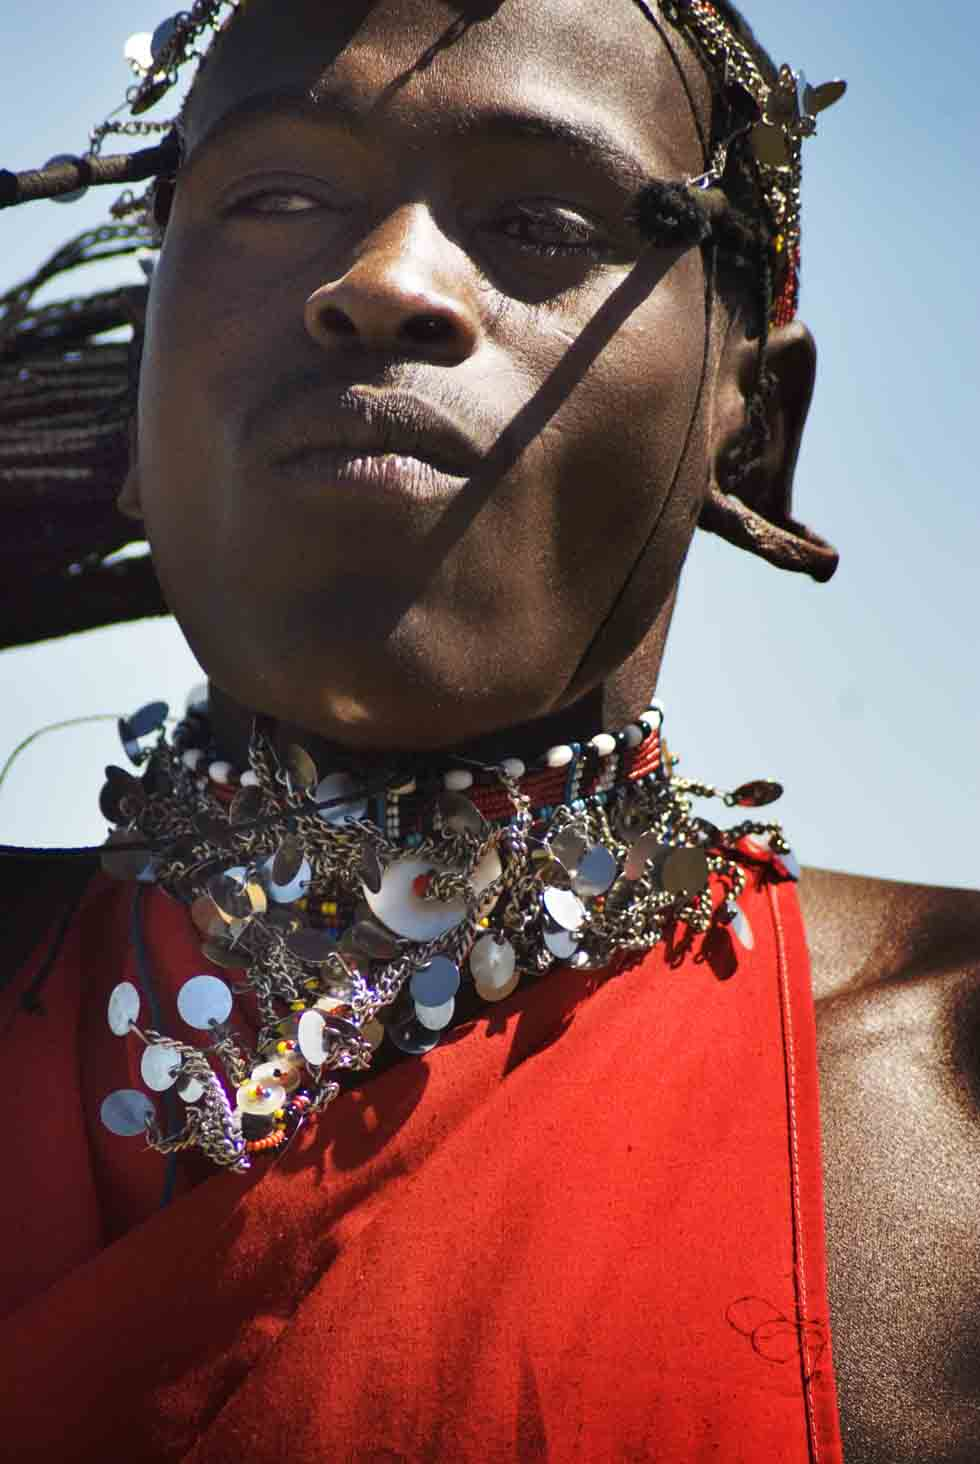 Masai tribes